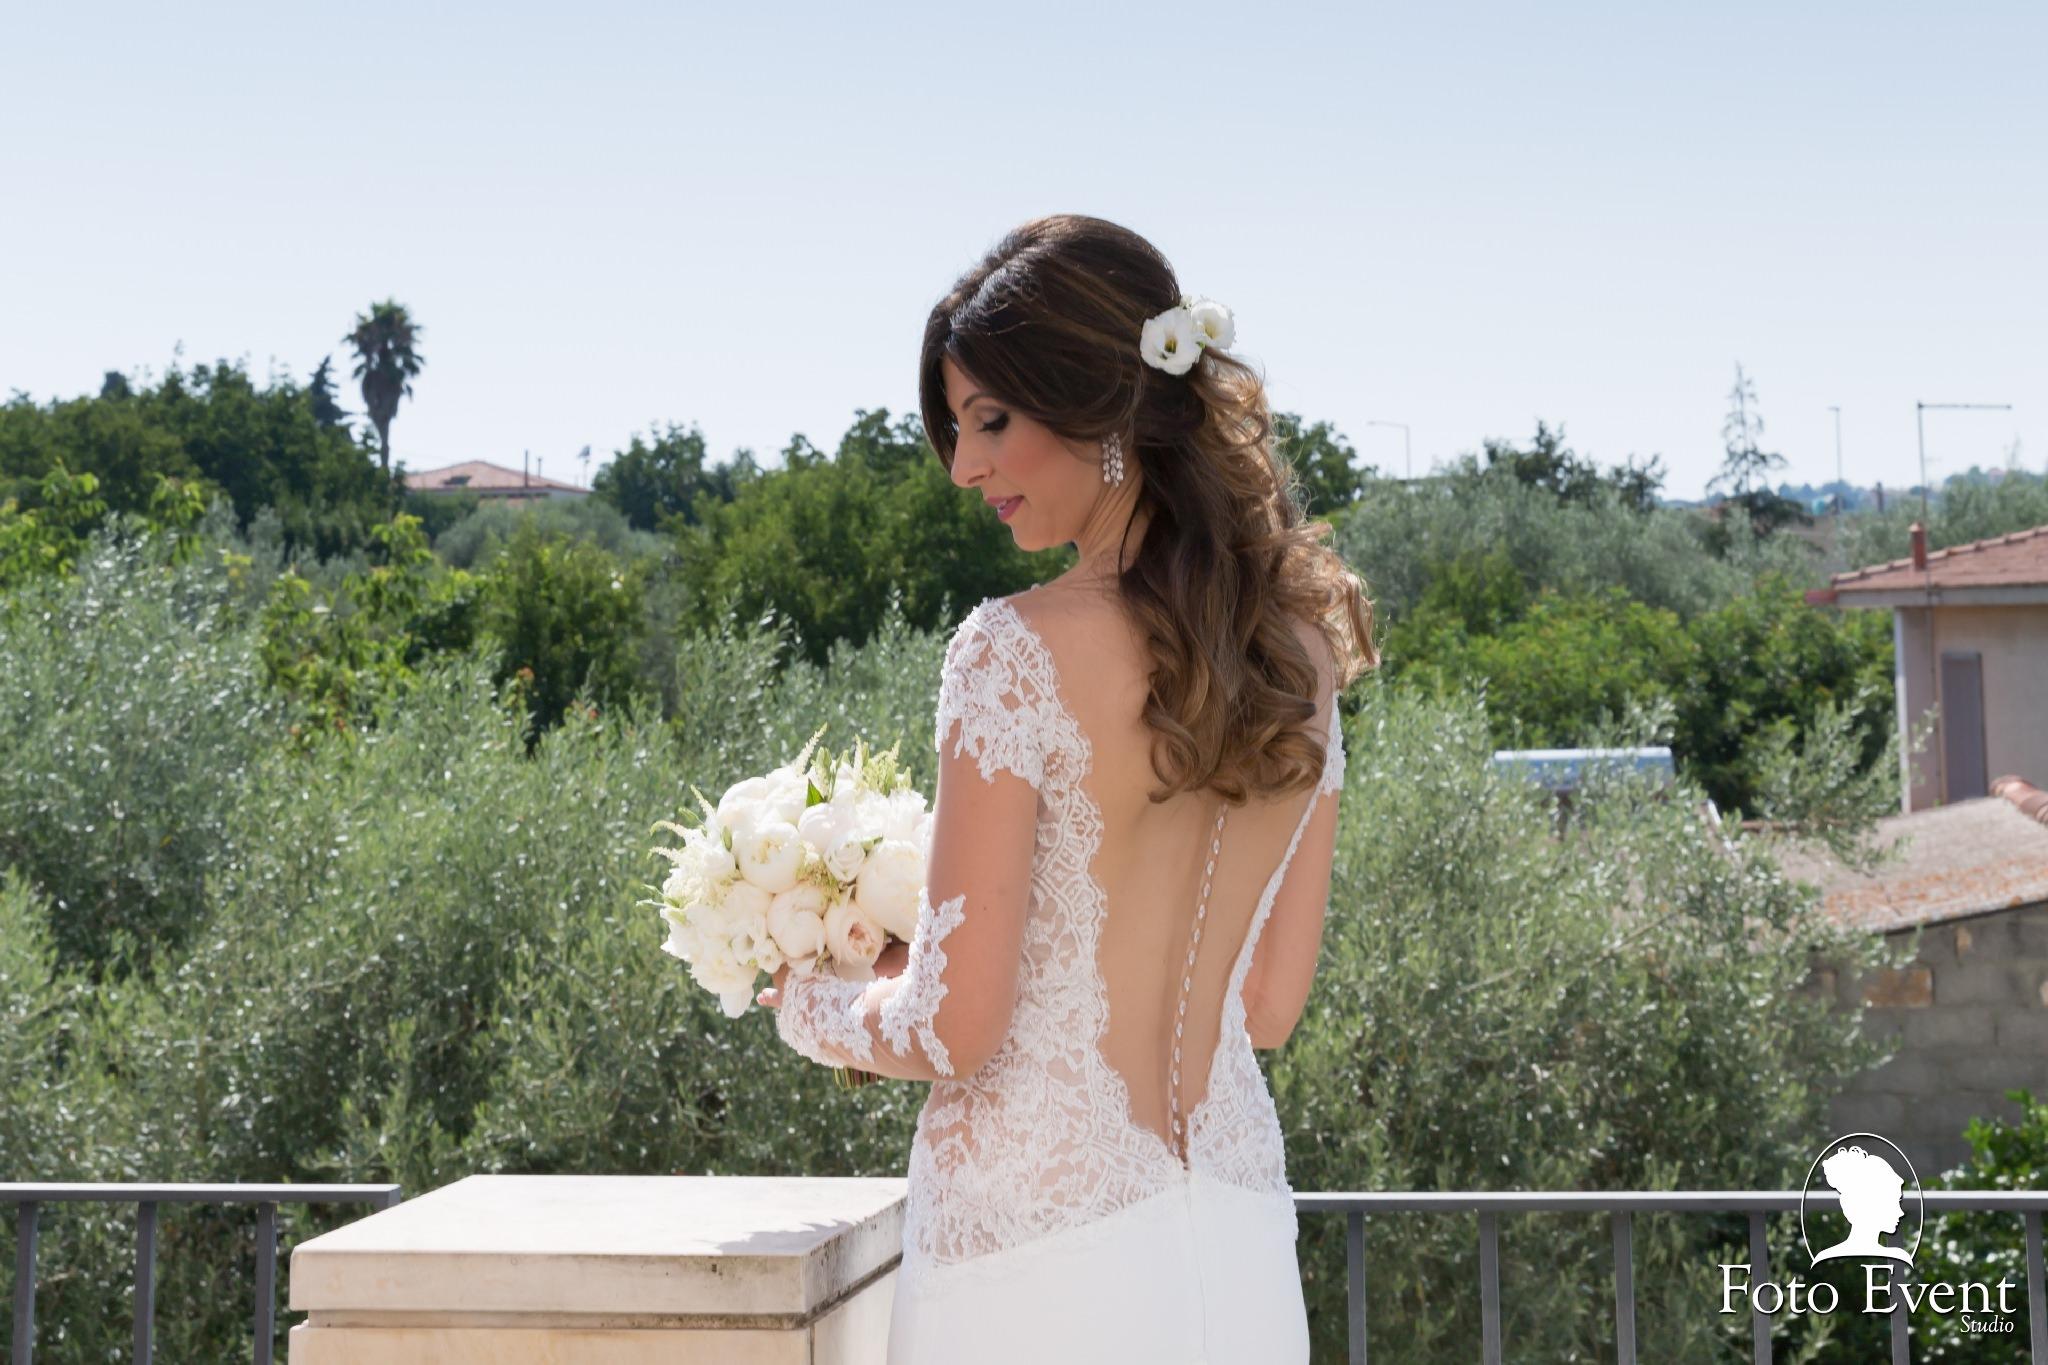 2017-07-21 Matrimonio Adriana e Giuseppe Dorsi 5DE 608 CD FOTO